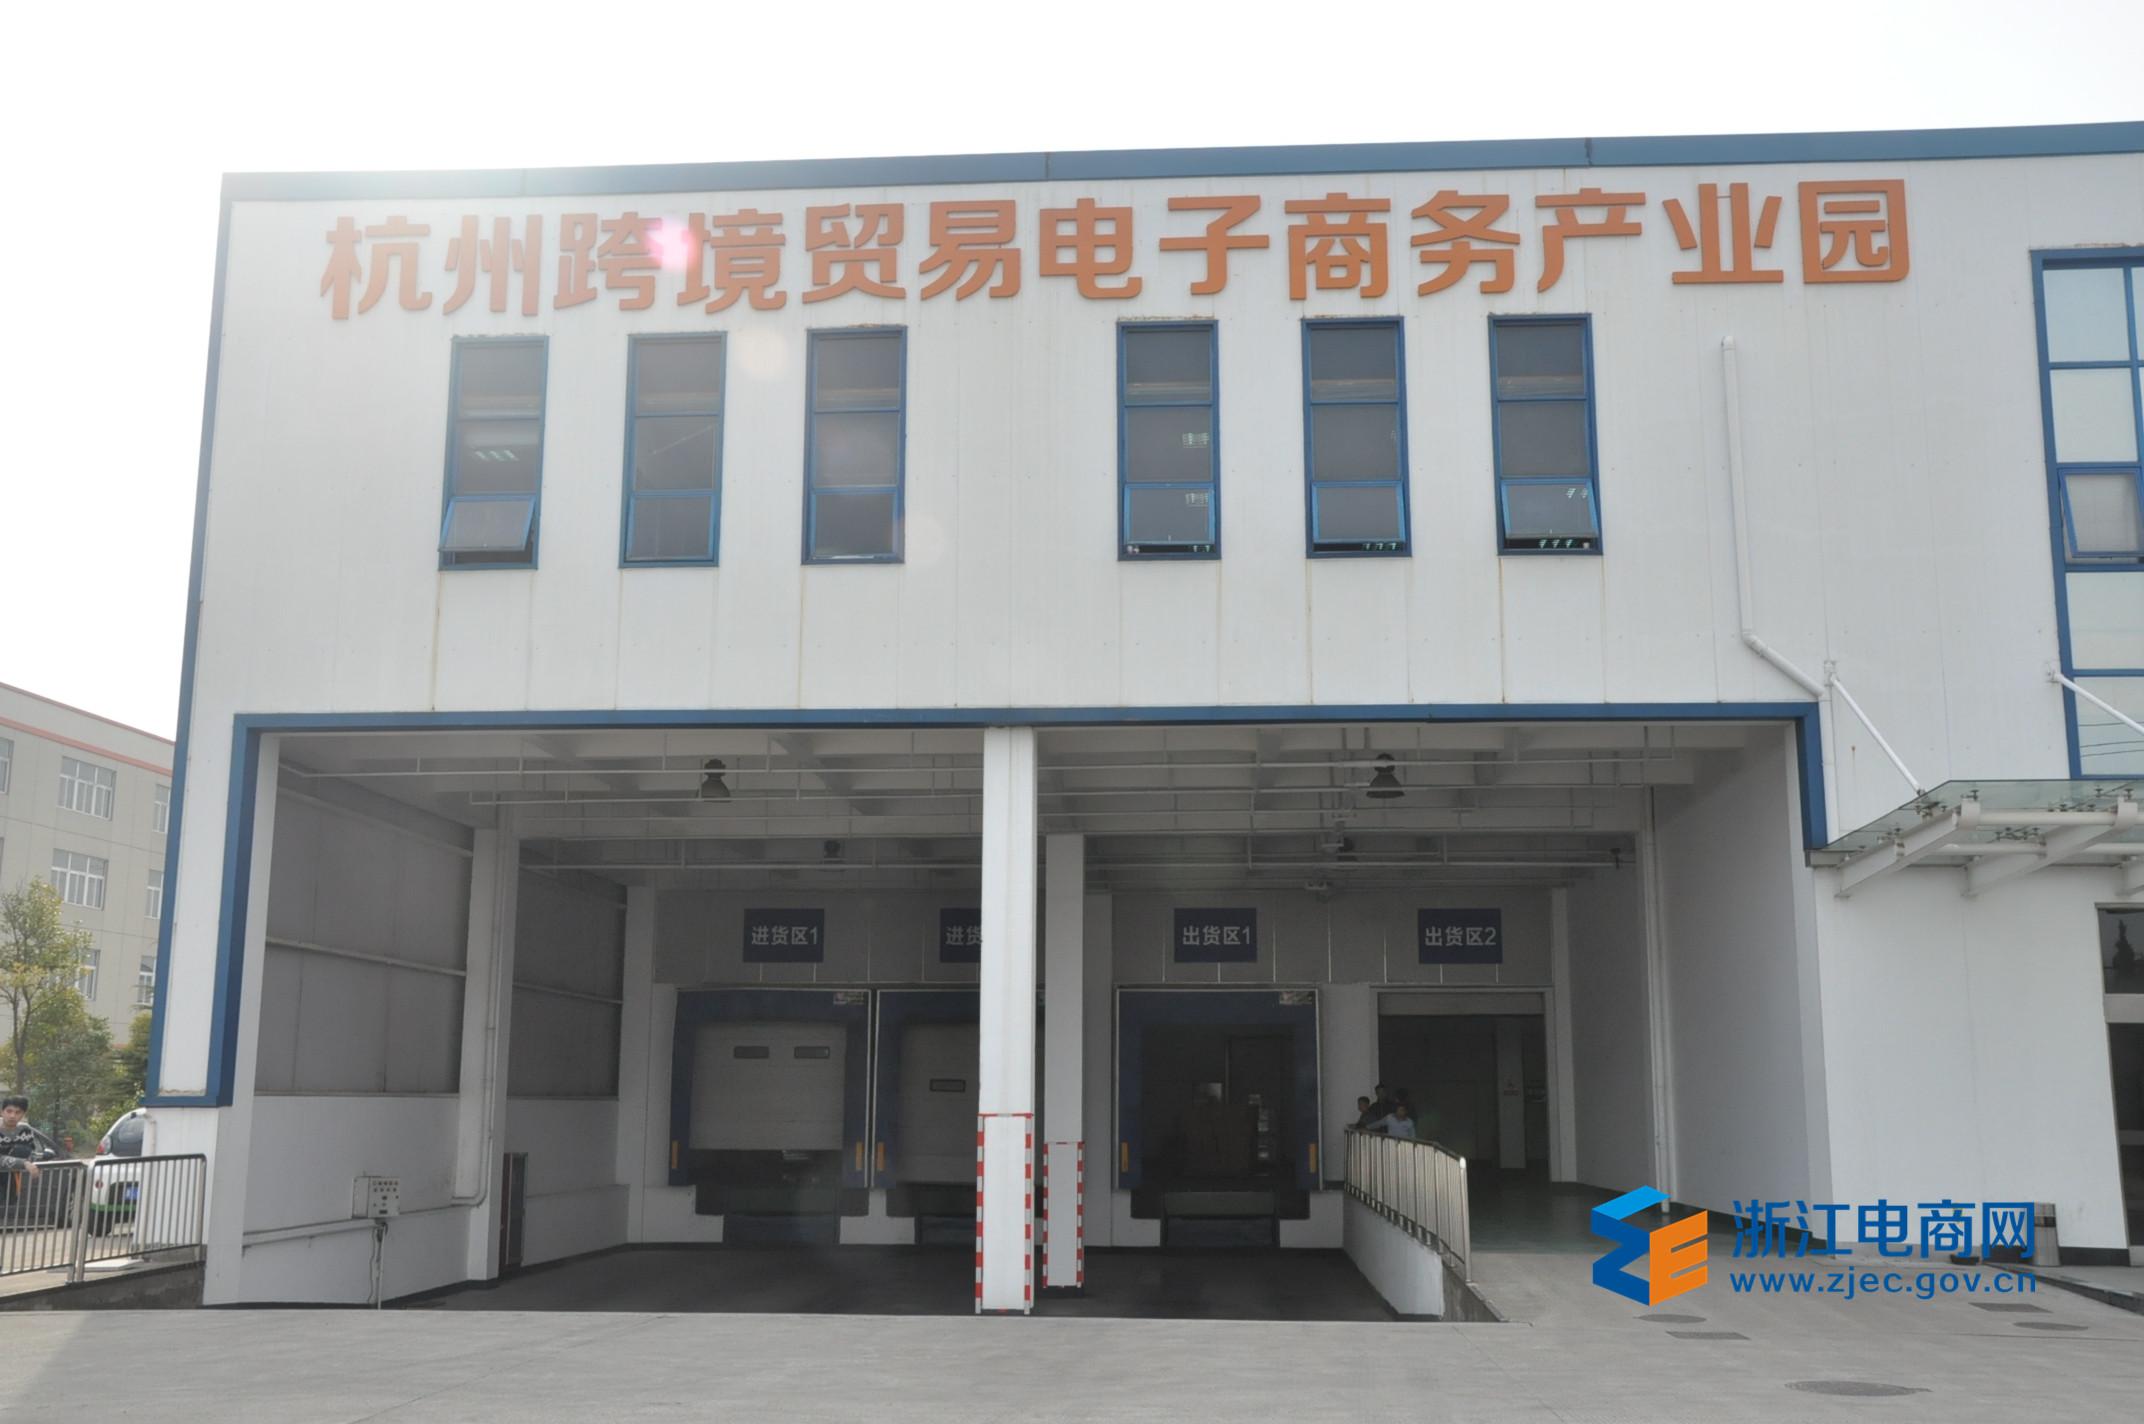 杭州跨境电商综试区获批 海淘送货比国内还快